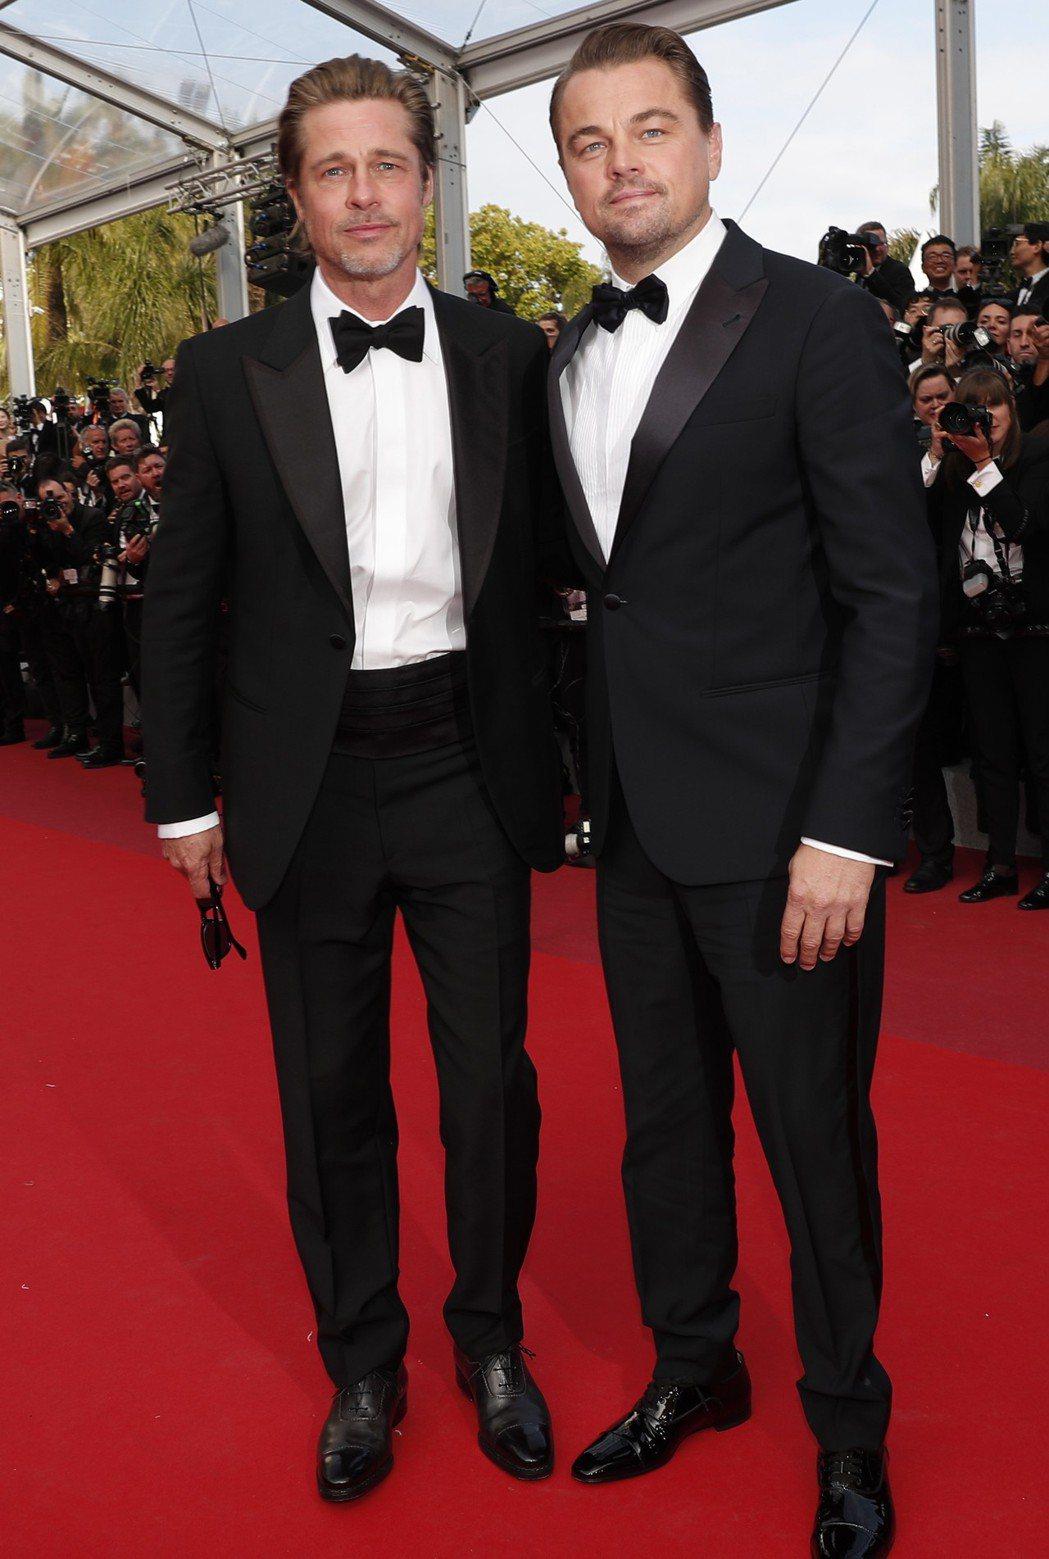 布萊德彼特與李奧納多狄卡皮歐之前現身坎城影展就一副哥倆好的感覺。圖/歐新社資料照...